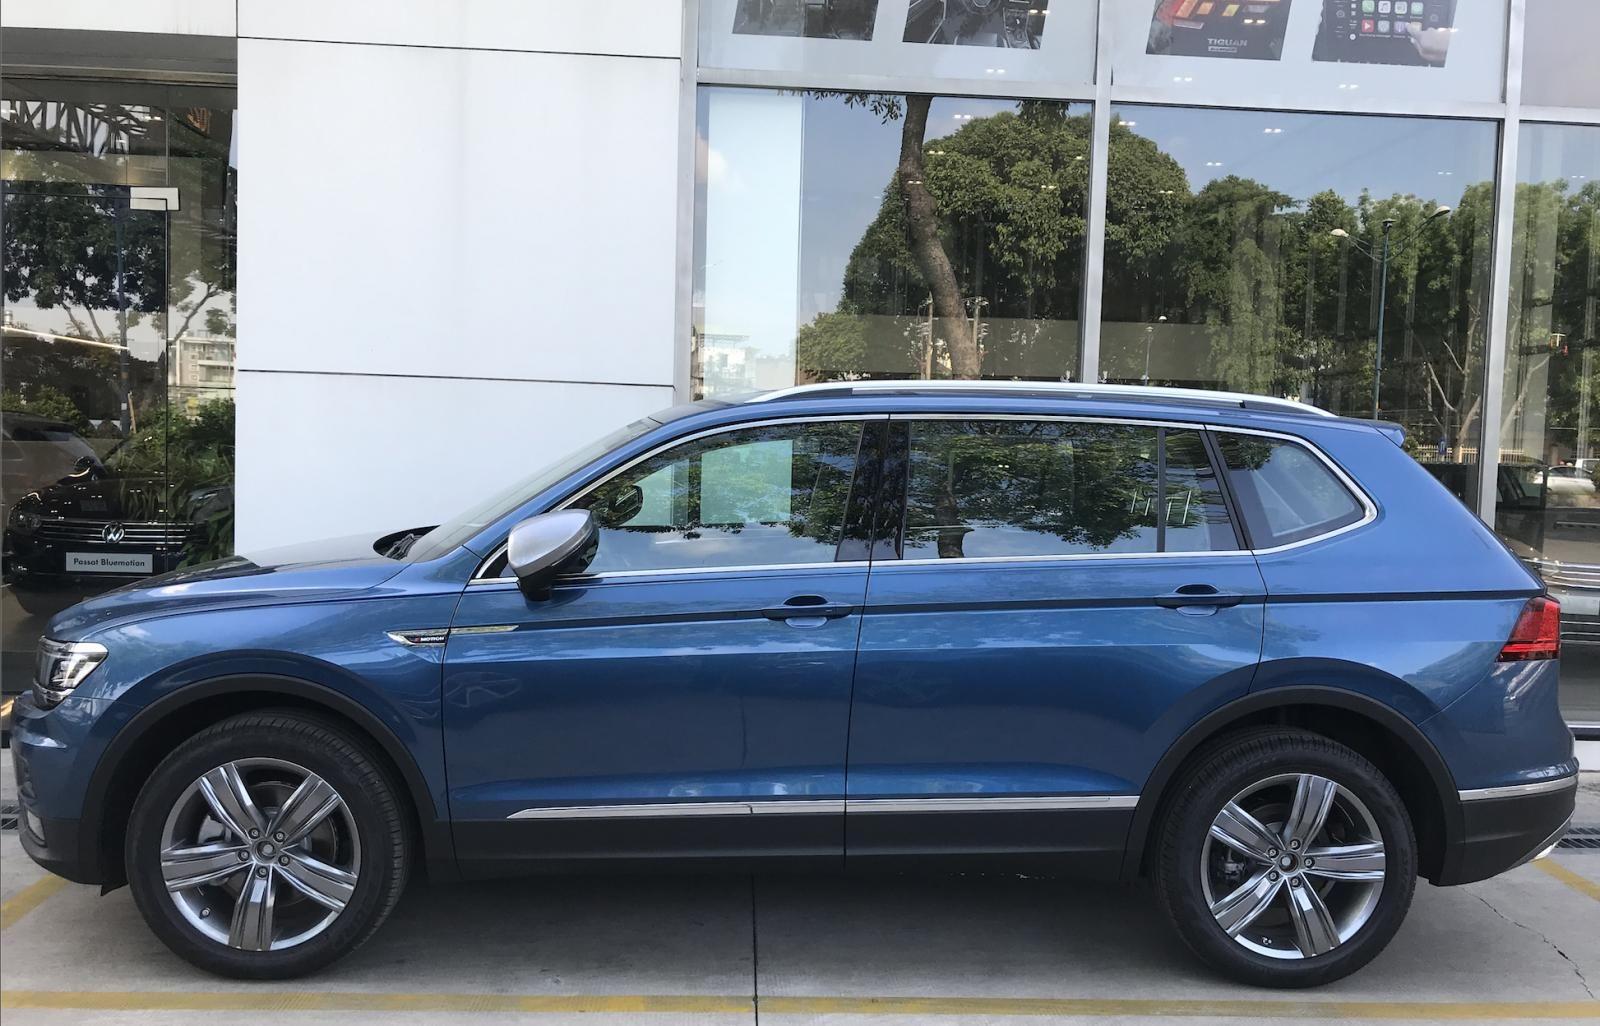 Volkswagen Tiguan Allspace - Xe Đức nhập khẩu - tháng 12 giảm giá sốc hơn 100 triệu kèm quà nhiều quà tặng giá trị